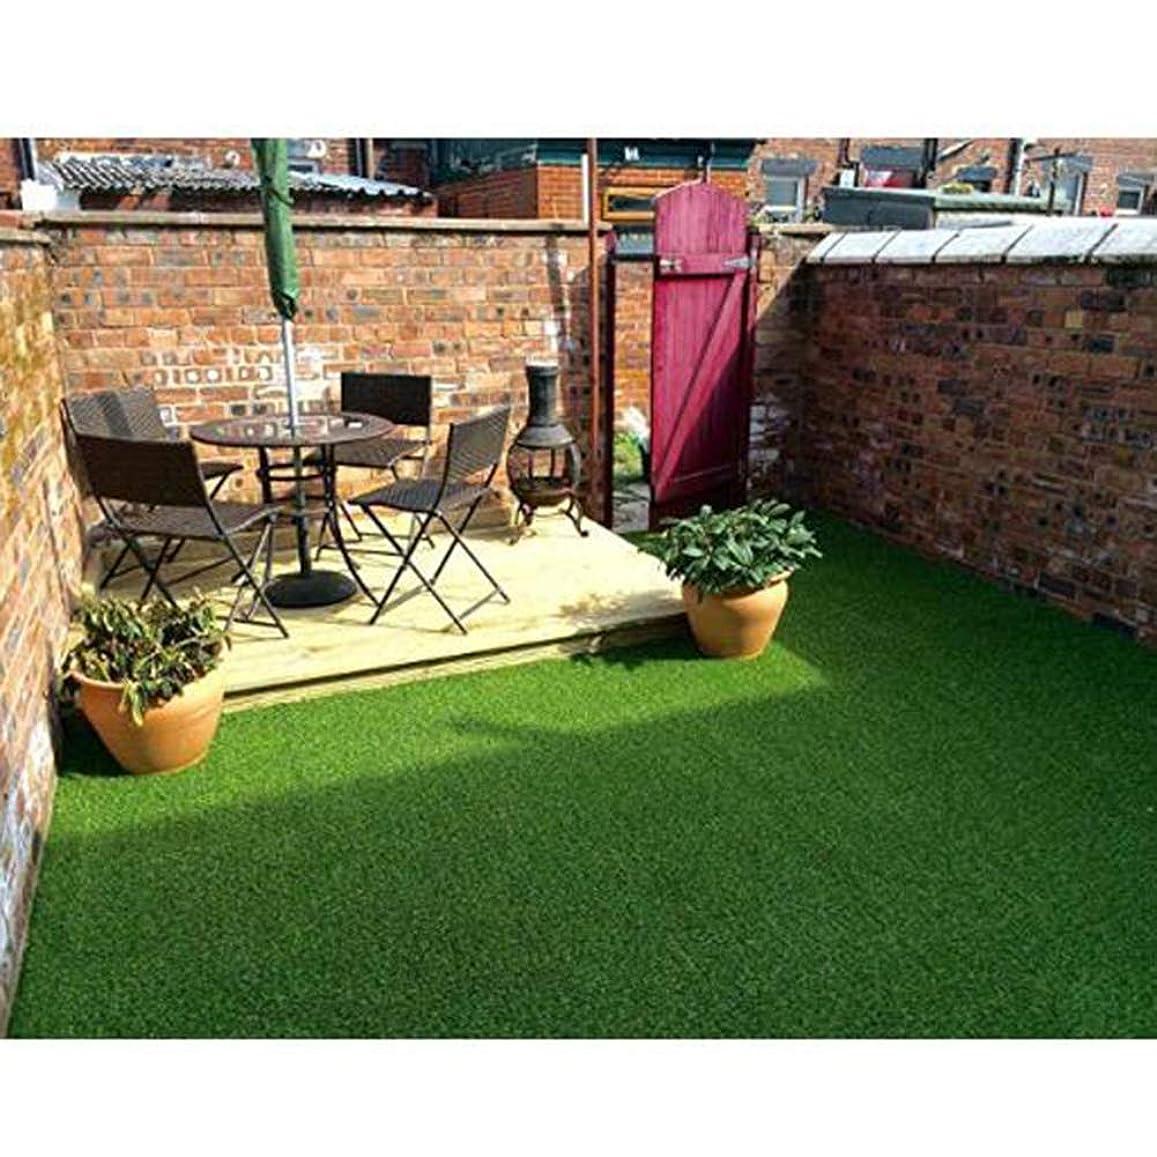 きゅうりブランデー悪い高密度 人工芝マット,排水の穴 25 Mm 現実的 合成芝生 厚く ターフマット テラスのため バルコニー ペットターフ-グリーン 200x650cm(79x256inch)